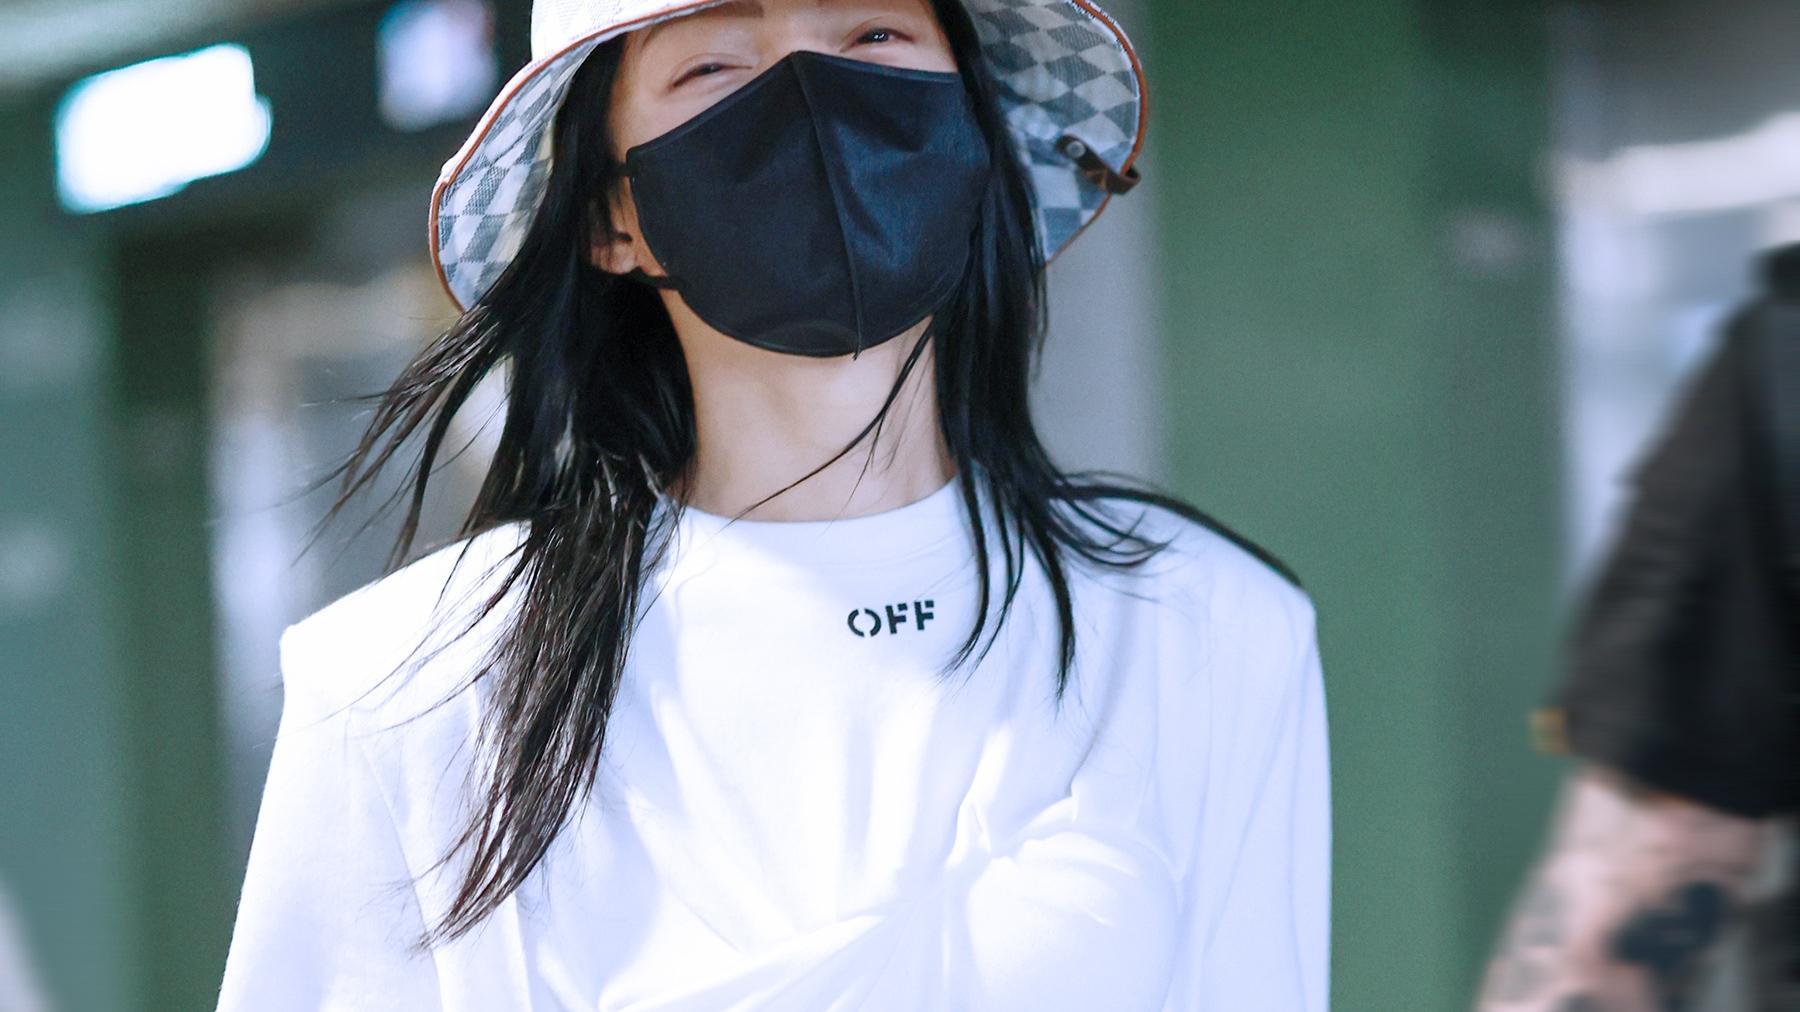 张韶涵机场造型,穿不规整内衣款T恤,网友:太敢穿!